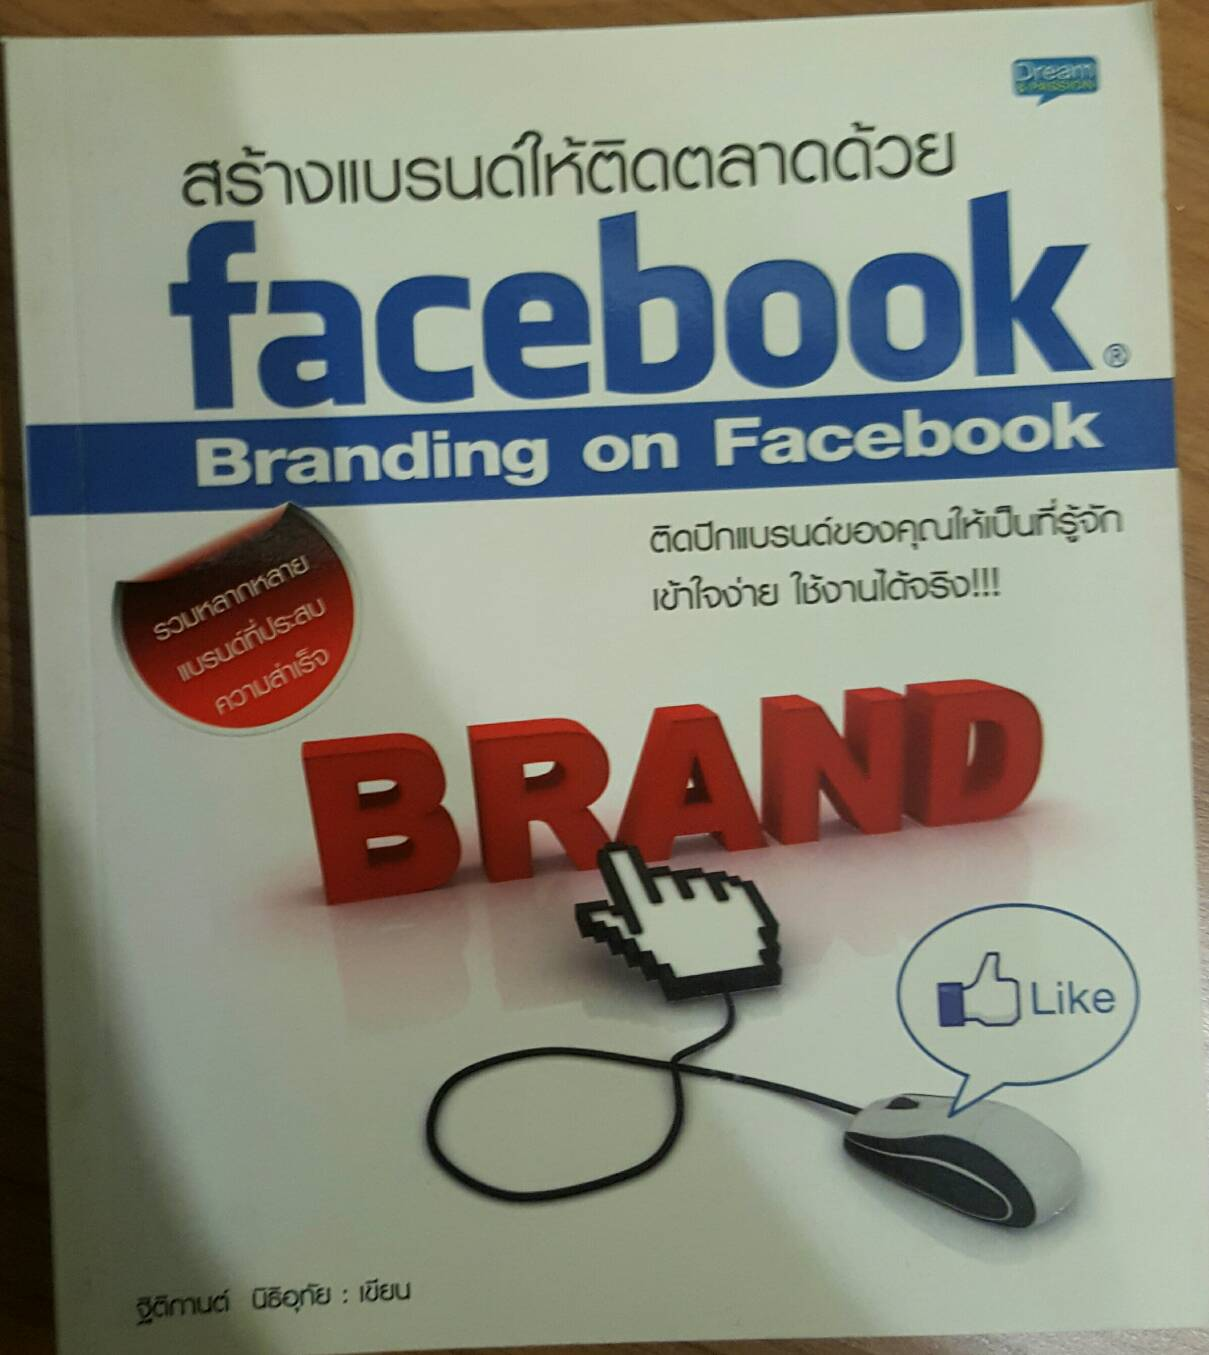 สร้างแบนด์ให้ติดตลาดด้วย facebook